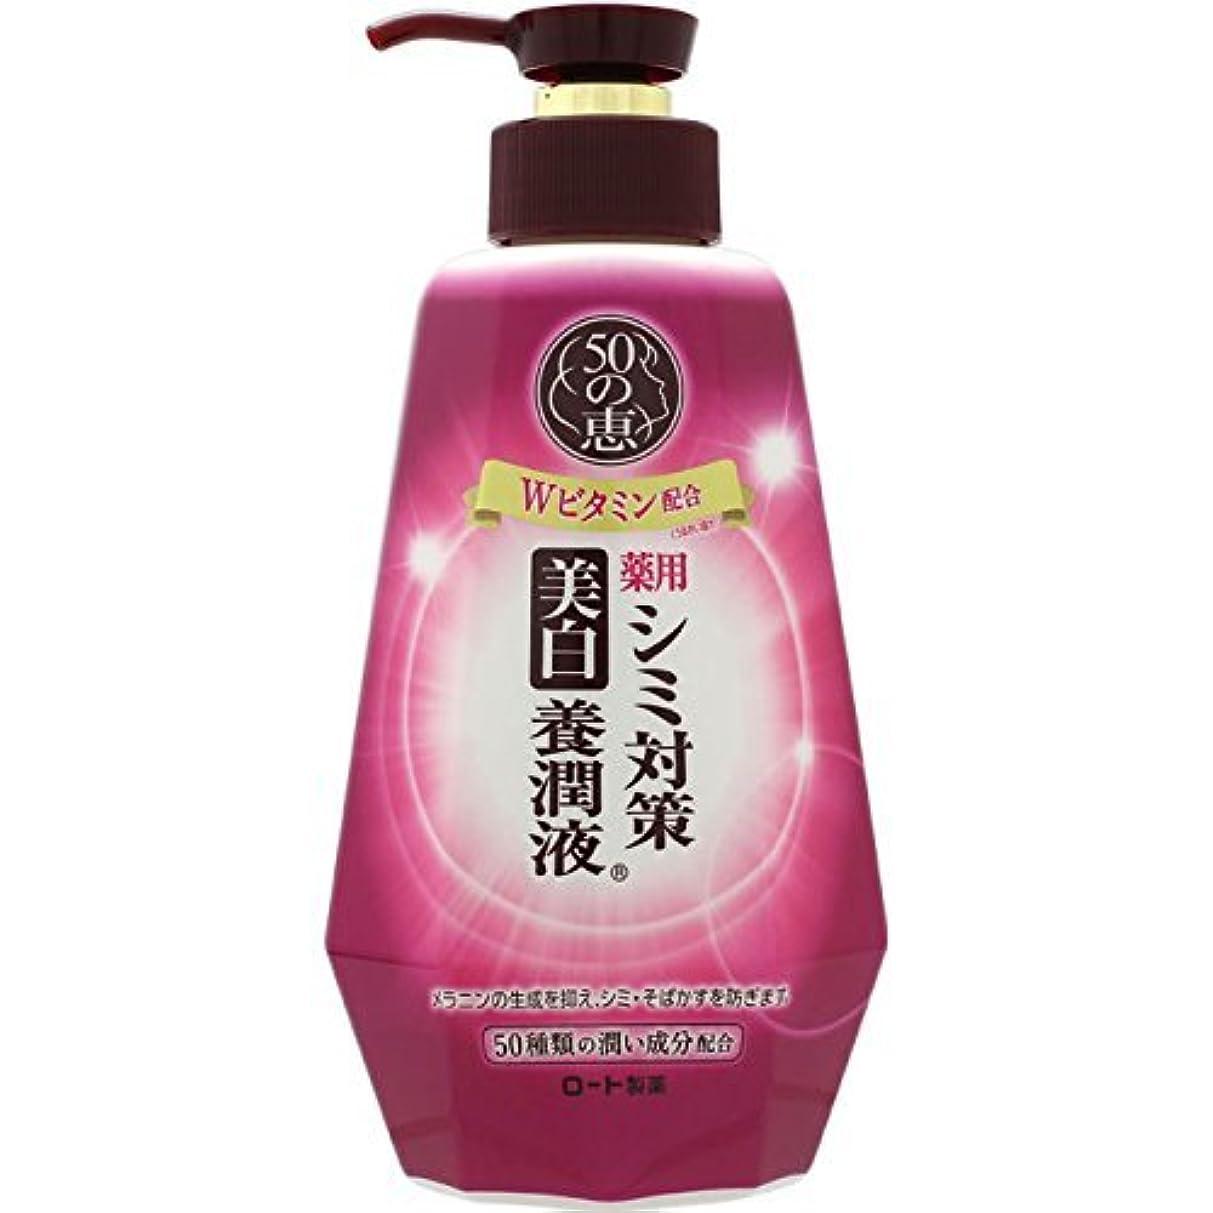 ゴシップ痴漢フレームワーク50の恵 シミ対策 美白養潤液 230mL (医薬部外品) ×4